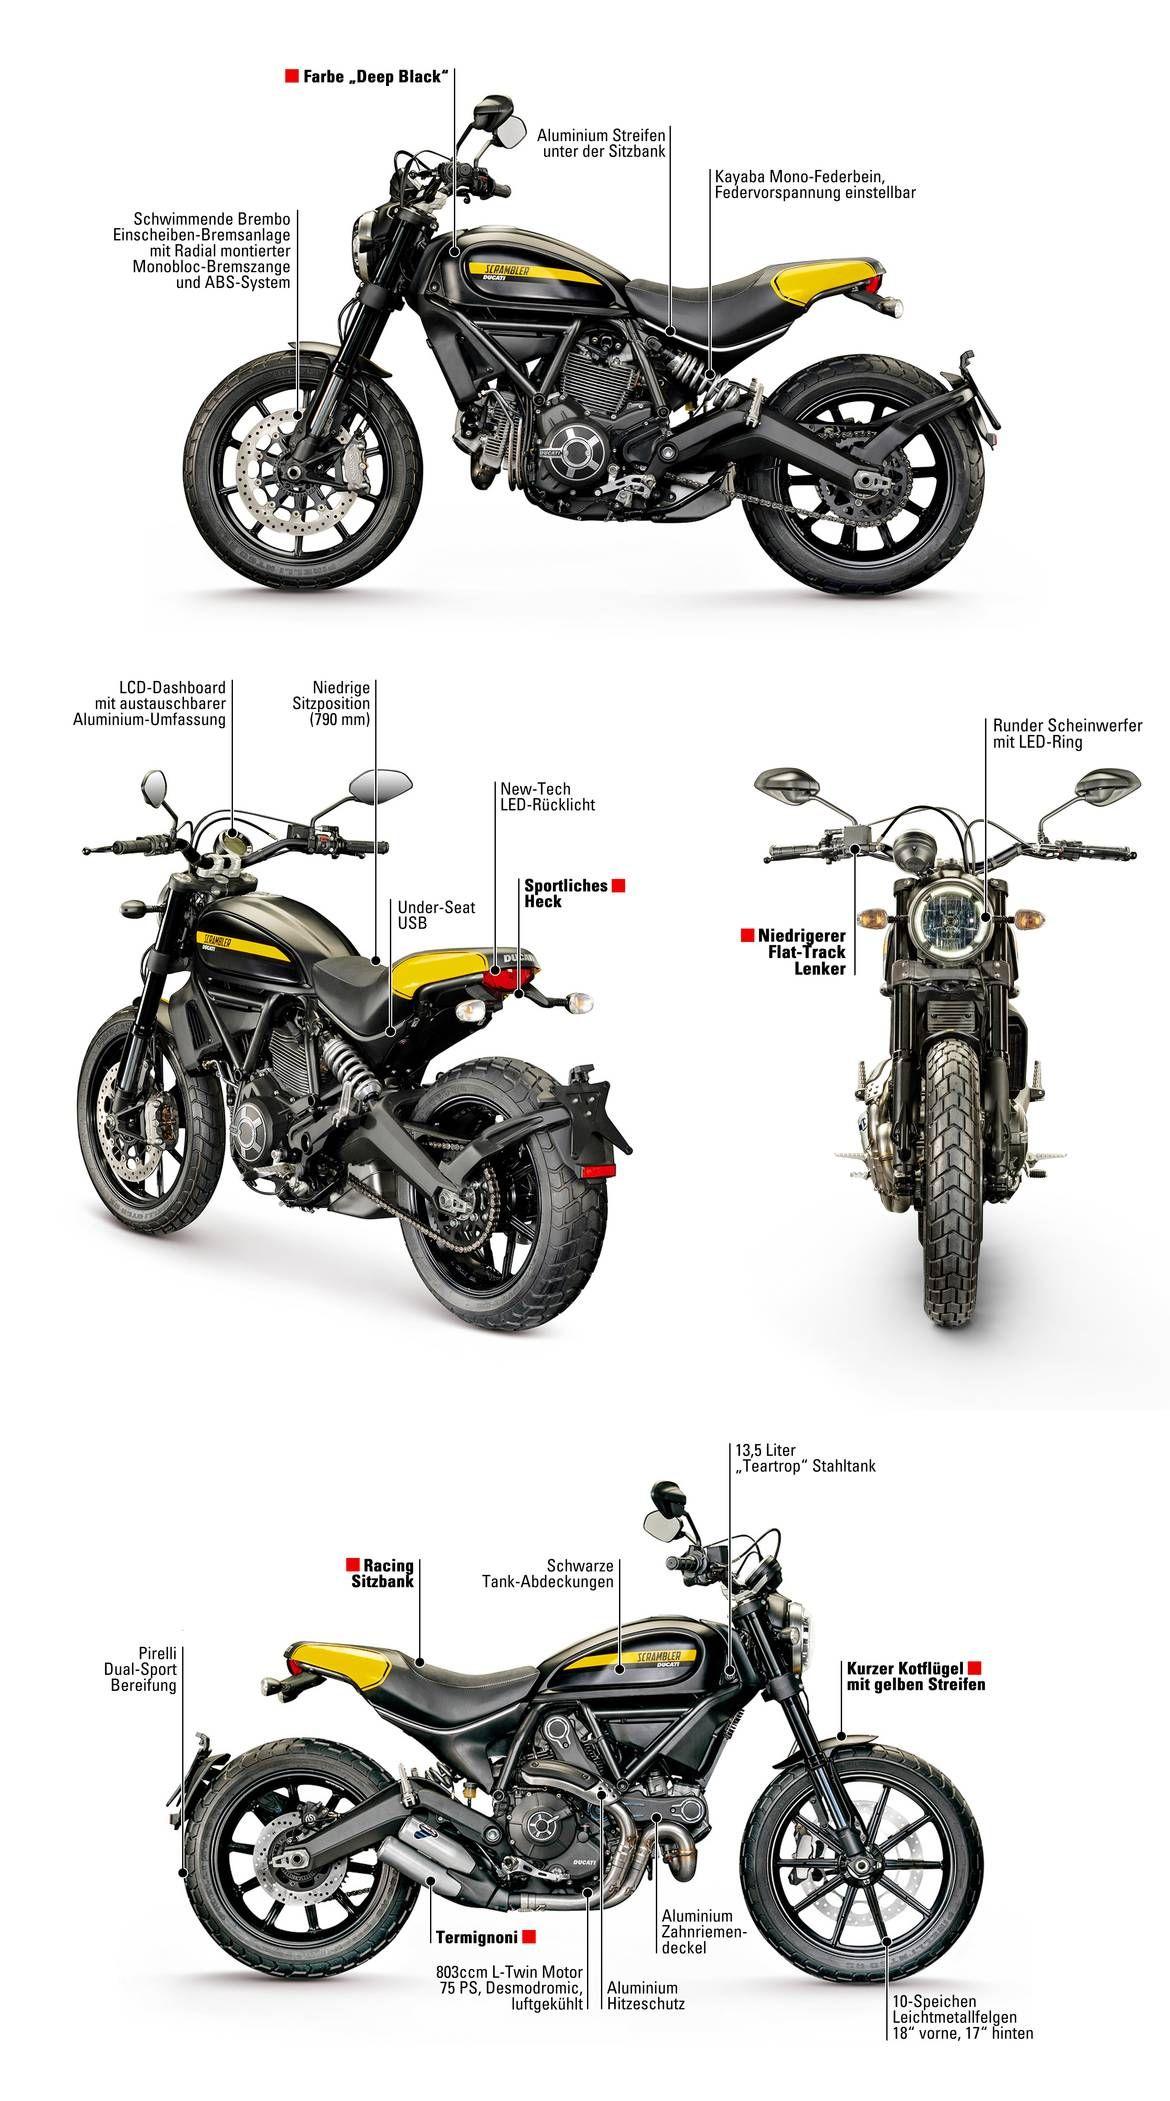 Ducati Scrambler 800 Full Throttle Abs